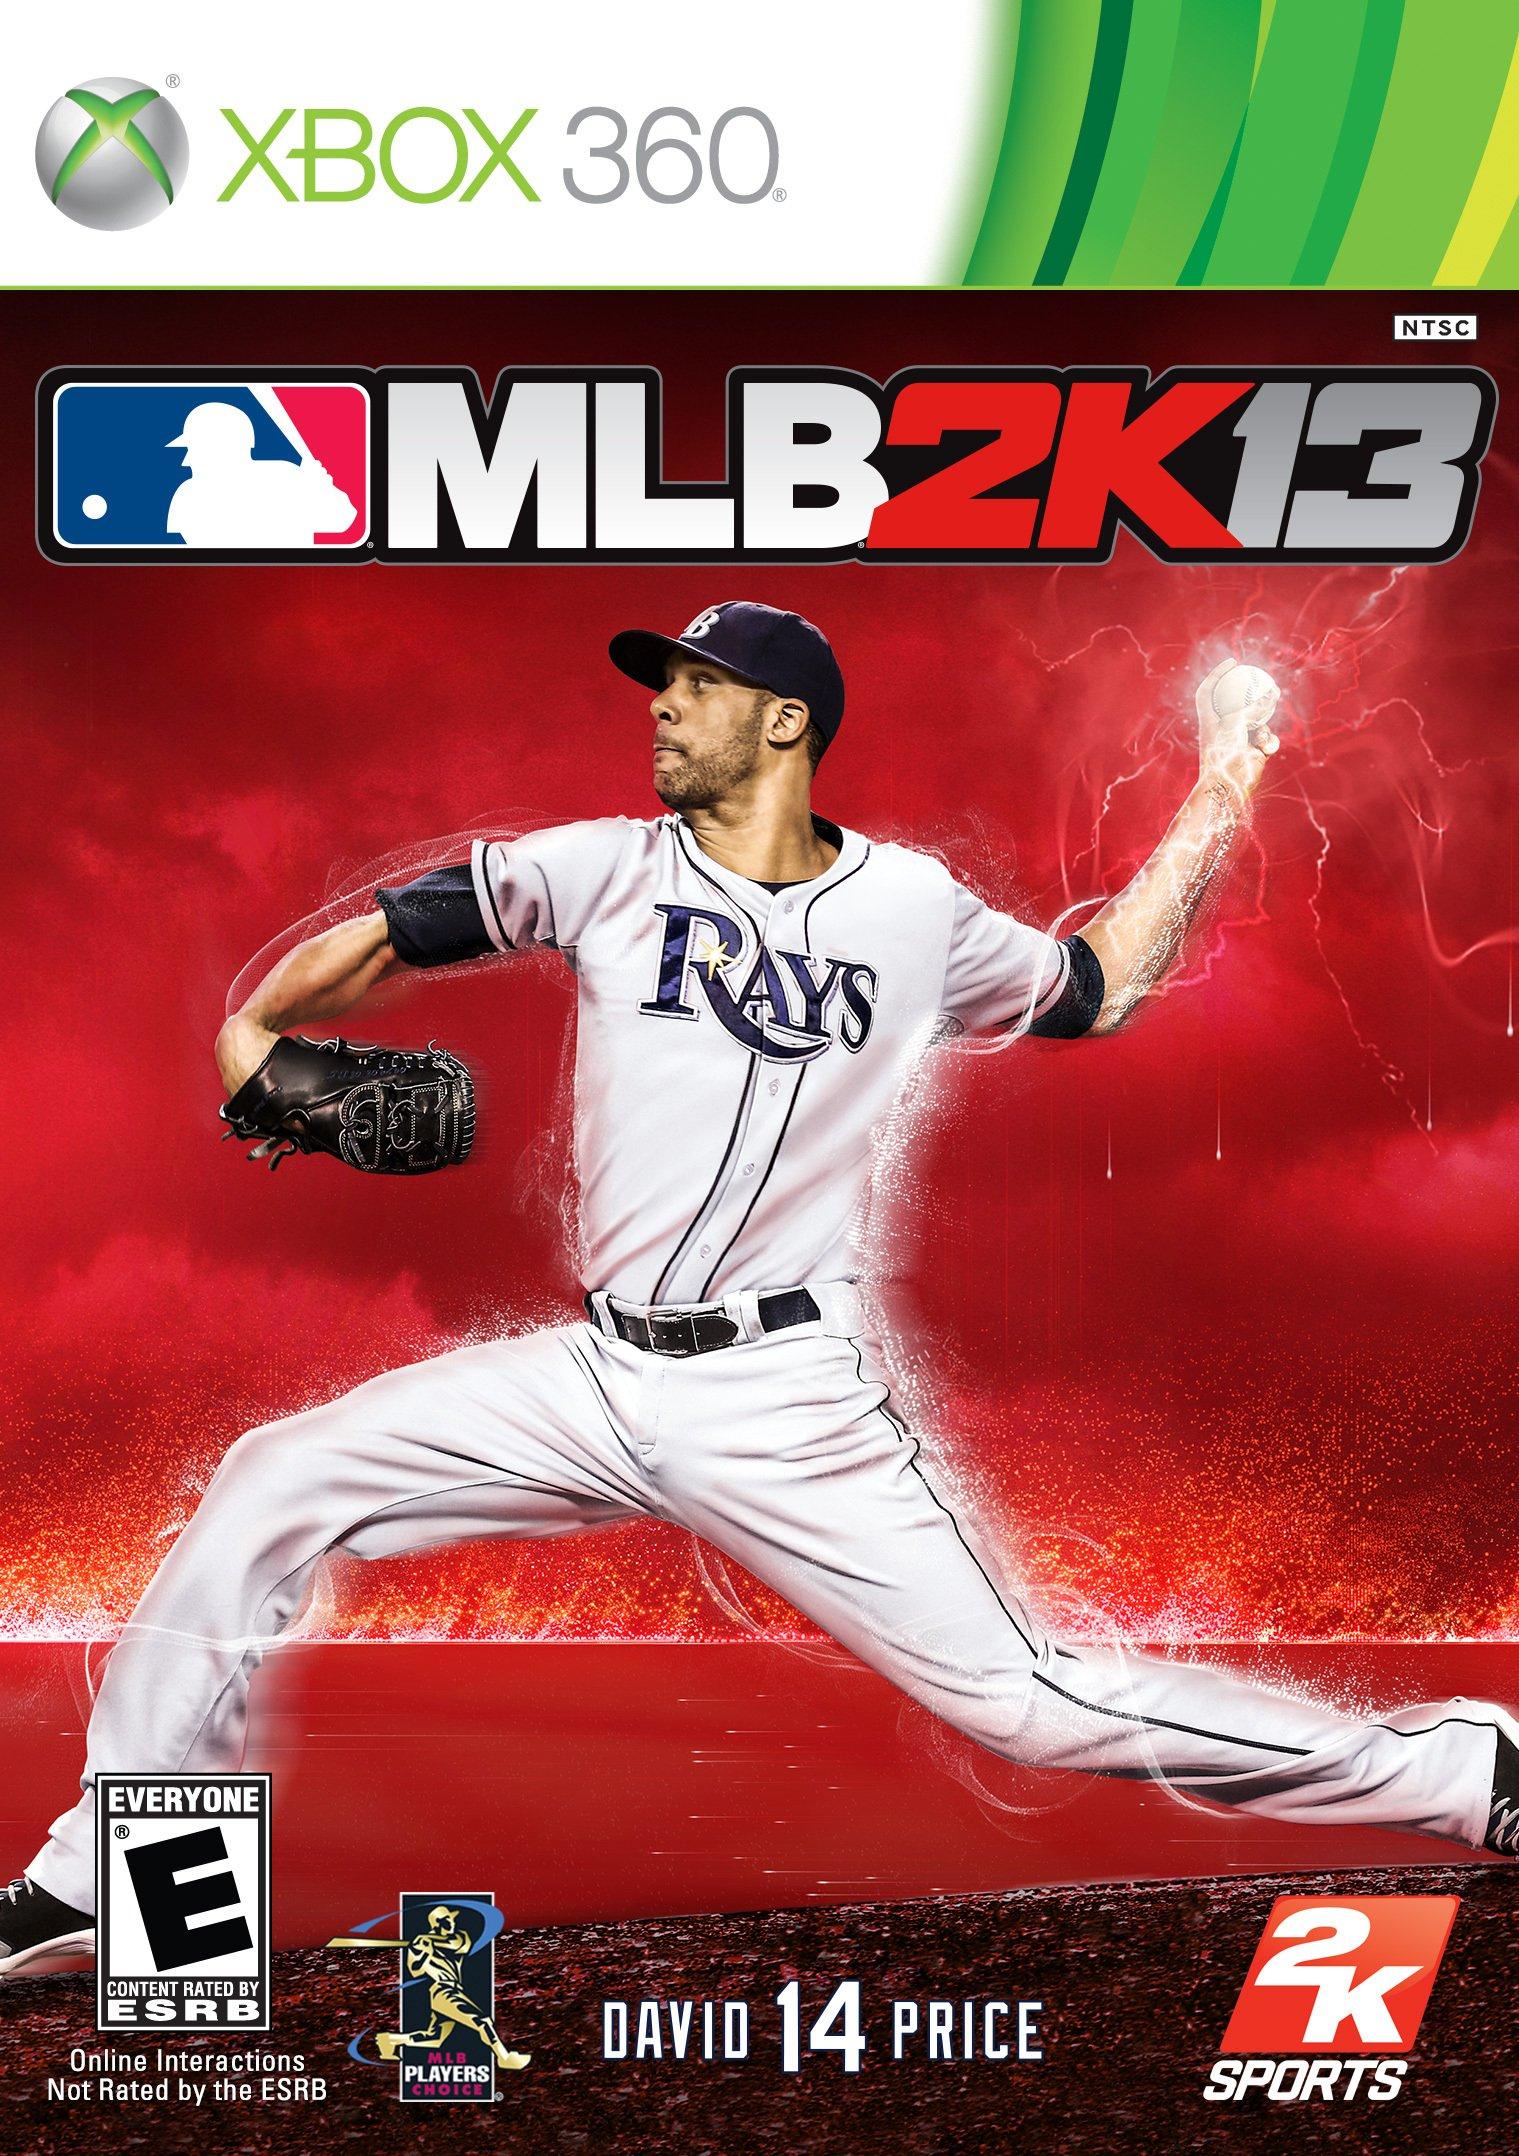 MLB 2K13 - Xbox 360 by 2K (Image #1)